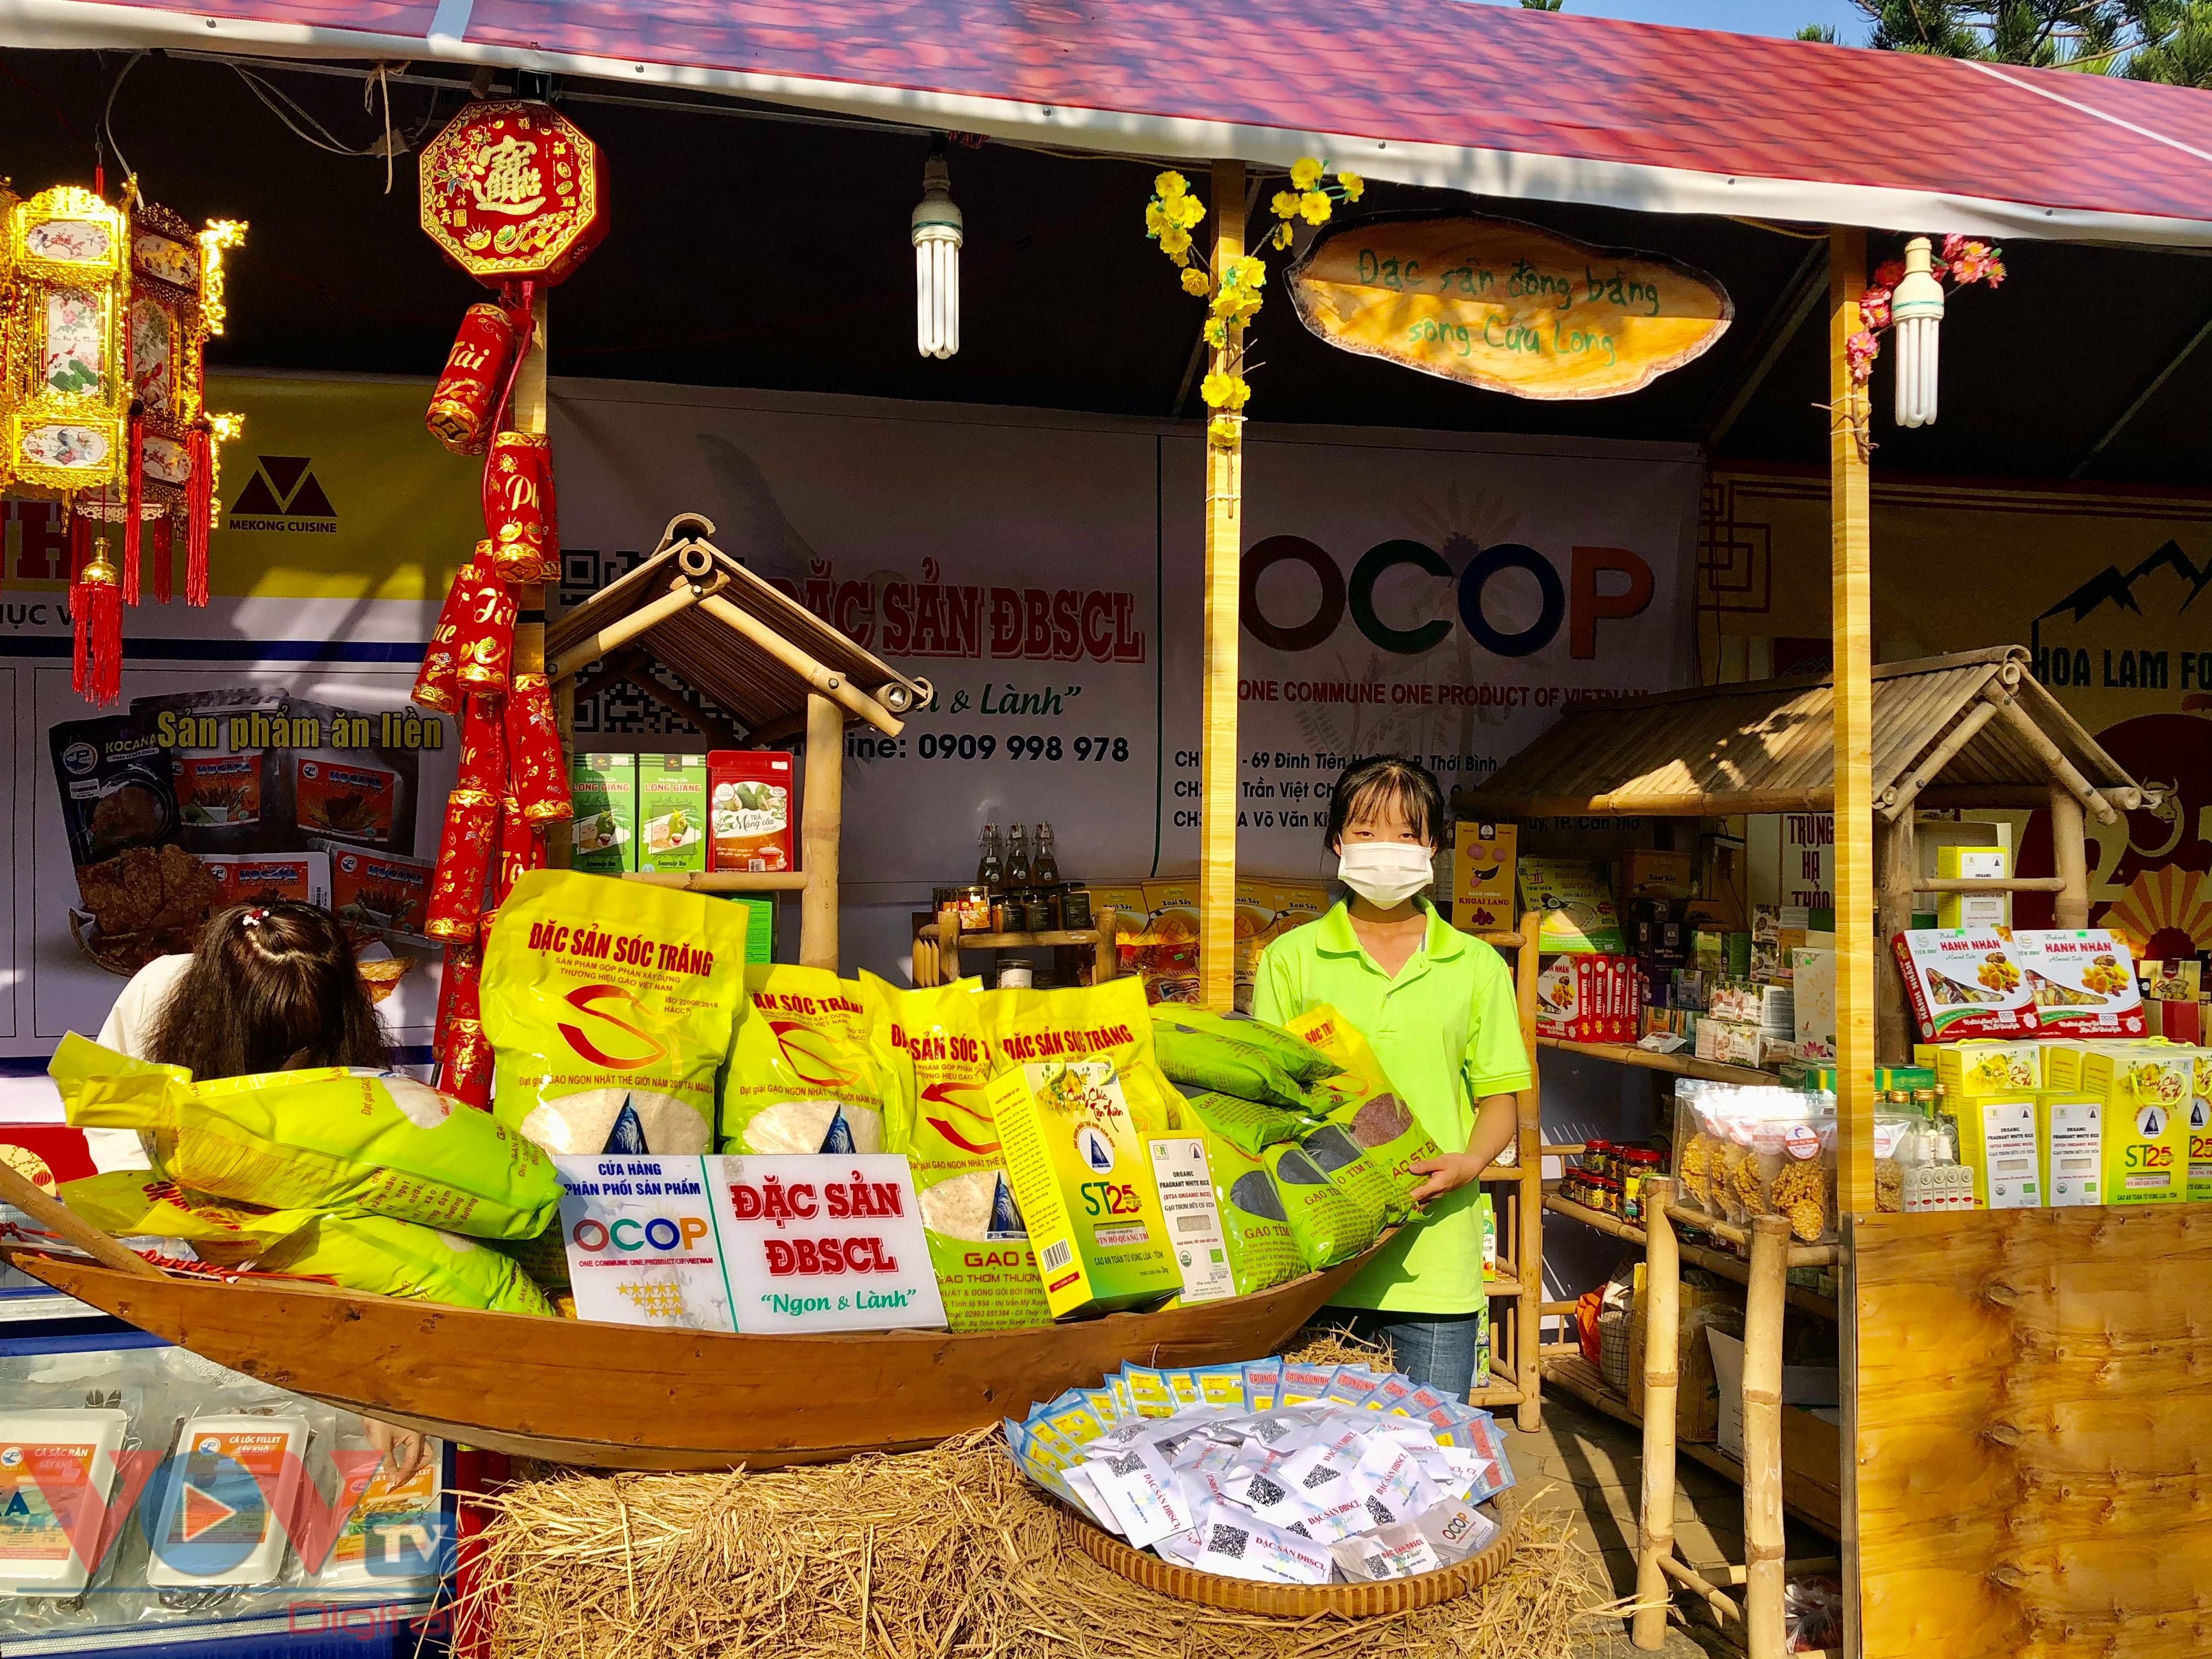 Các gian hàng sản phẩm OCOP trưng bày khá đẹp mắt, thu hút người tham quan.jpg